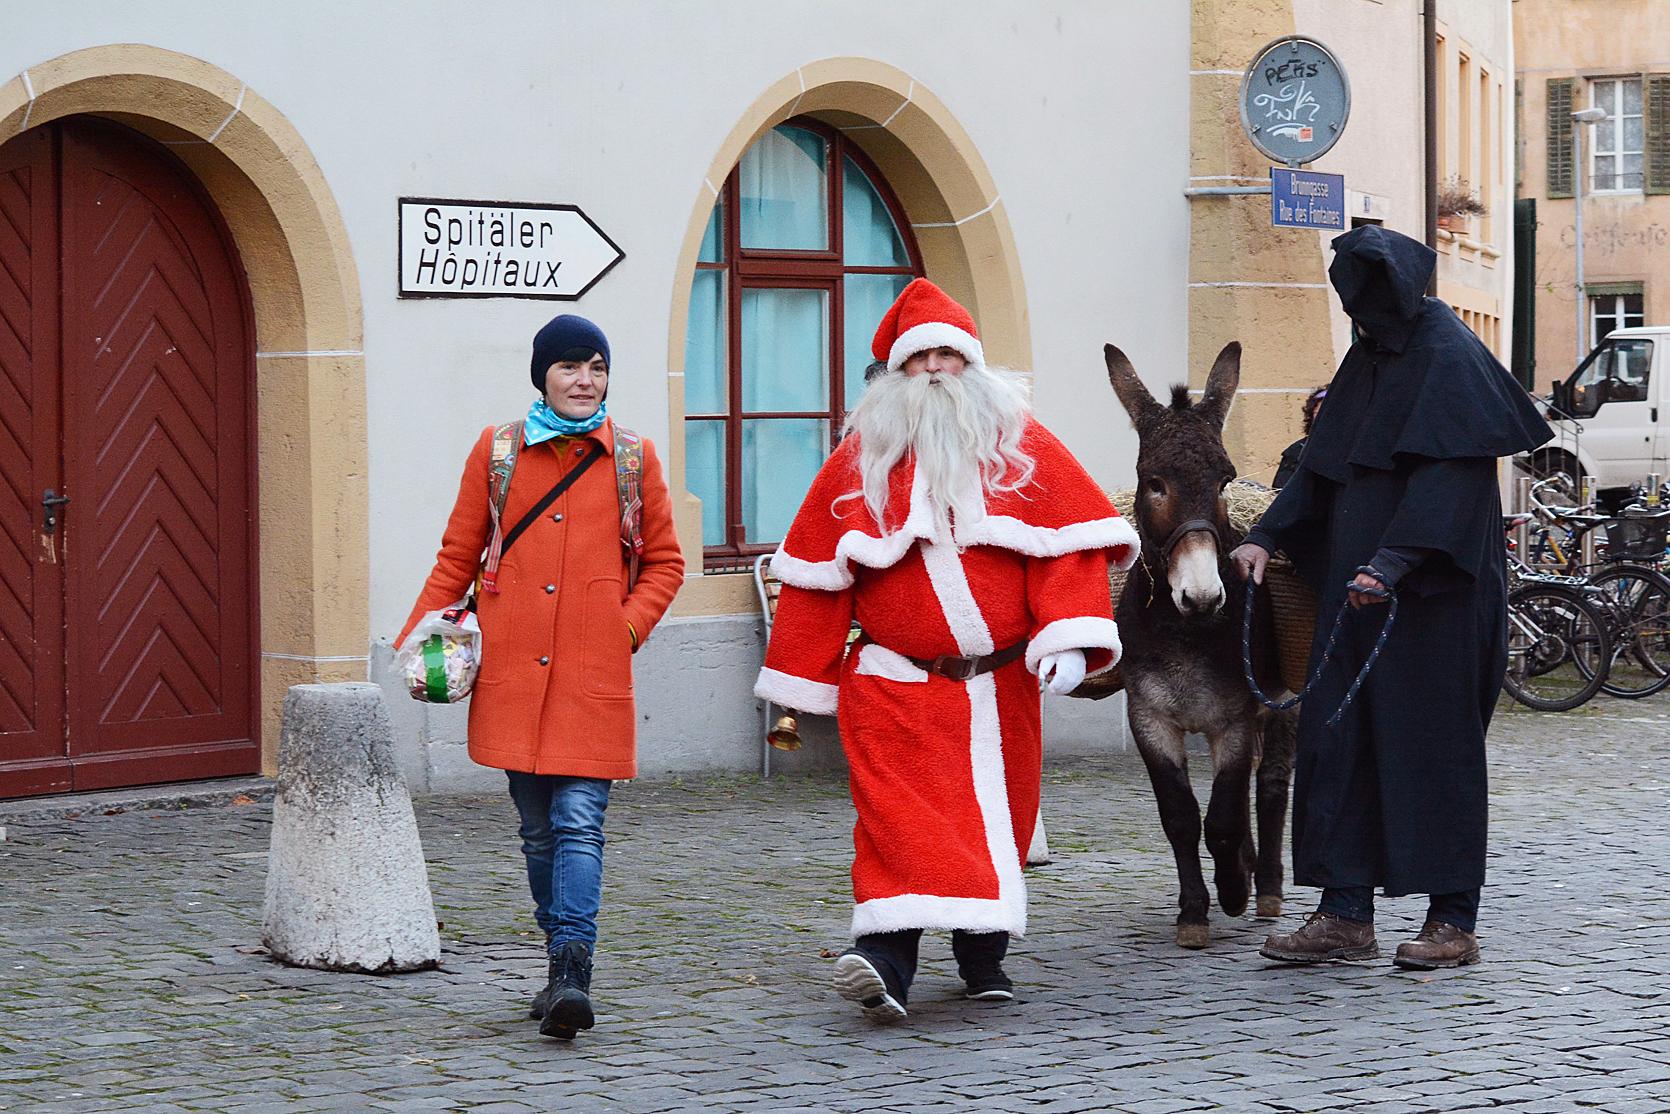 Altstadtleist-Präsidentin Vanessa zeigt den Weg, damit sich das Santichlaus und seine Freunde nicht verlaufen.